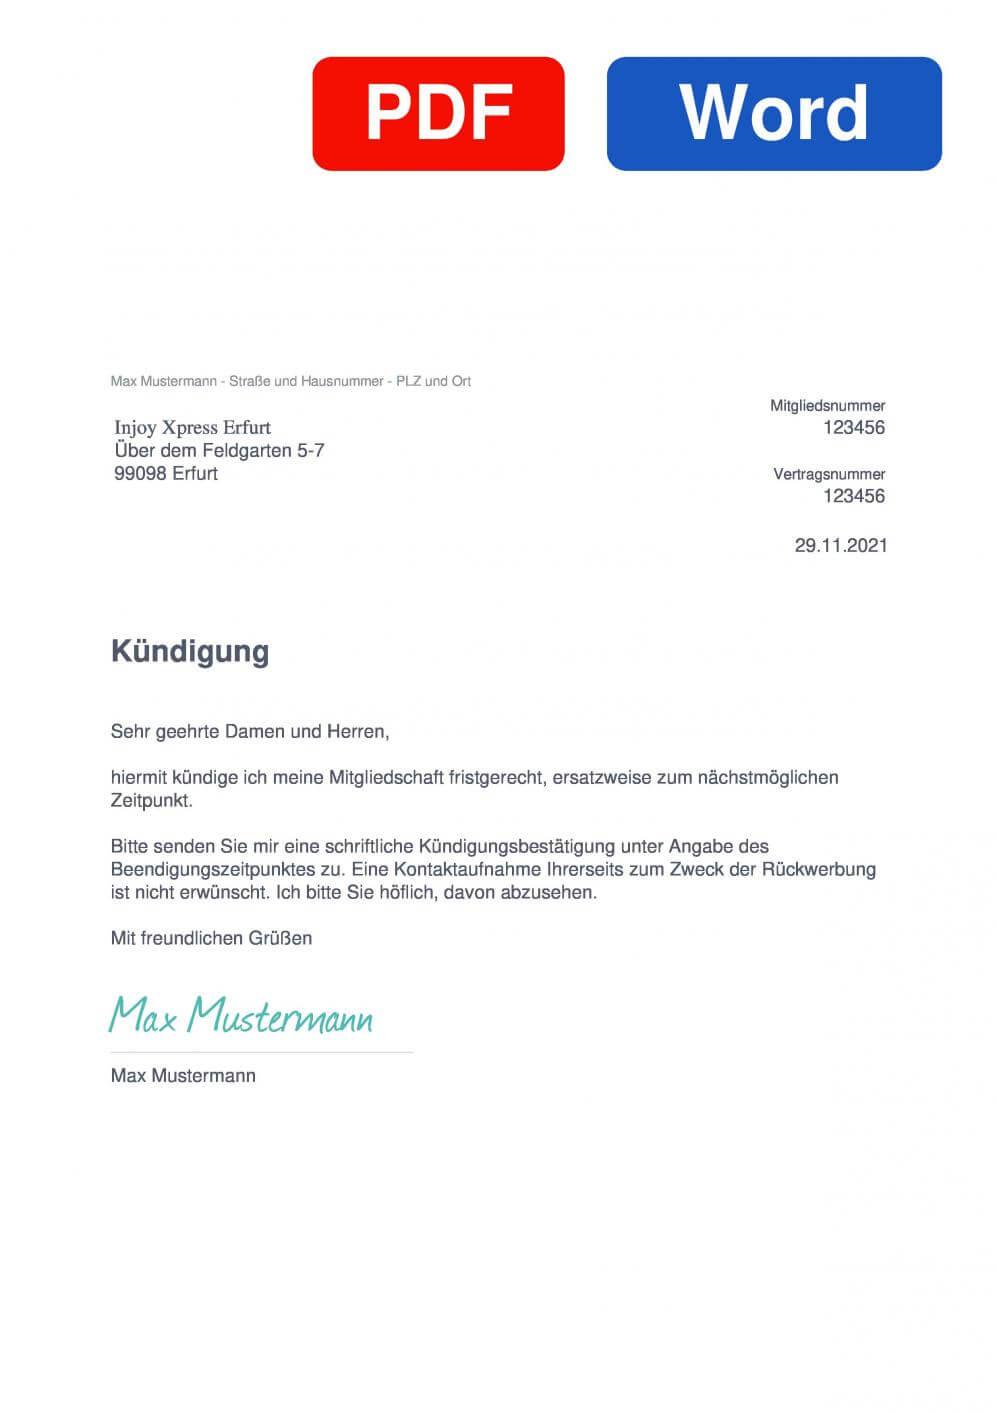 INJOY Xpress Erfurt Muster Vorlage für Kündigungsschreiben